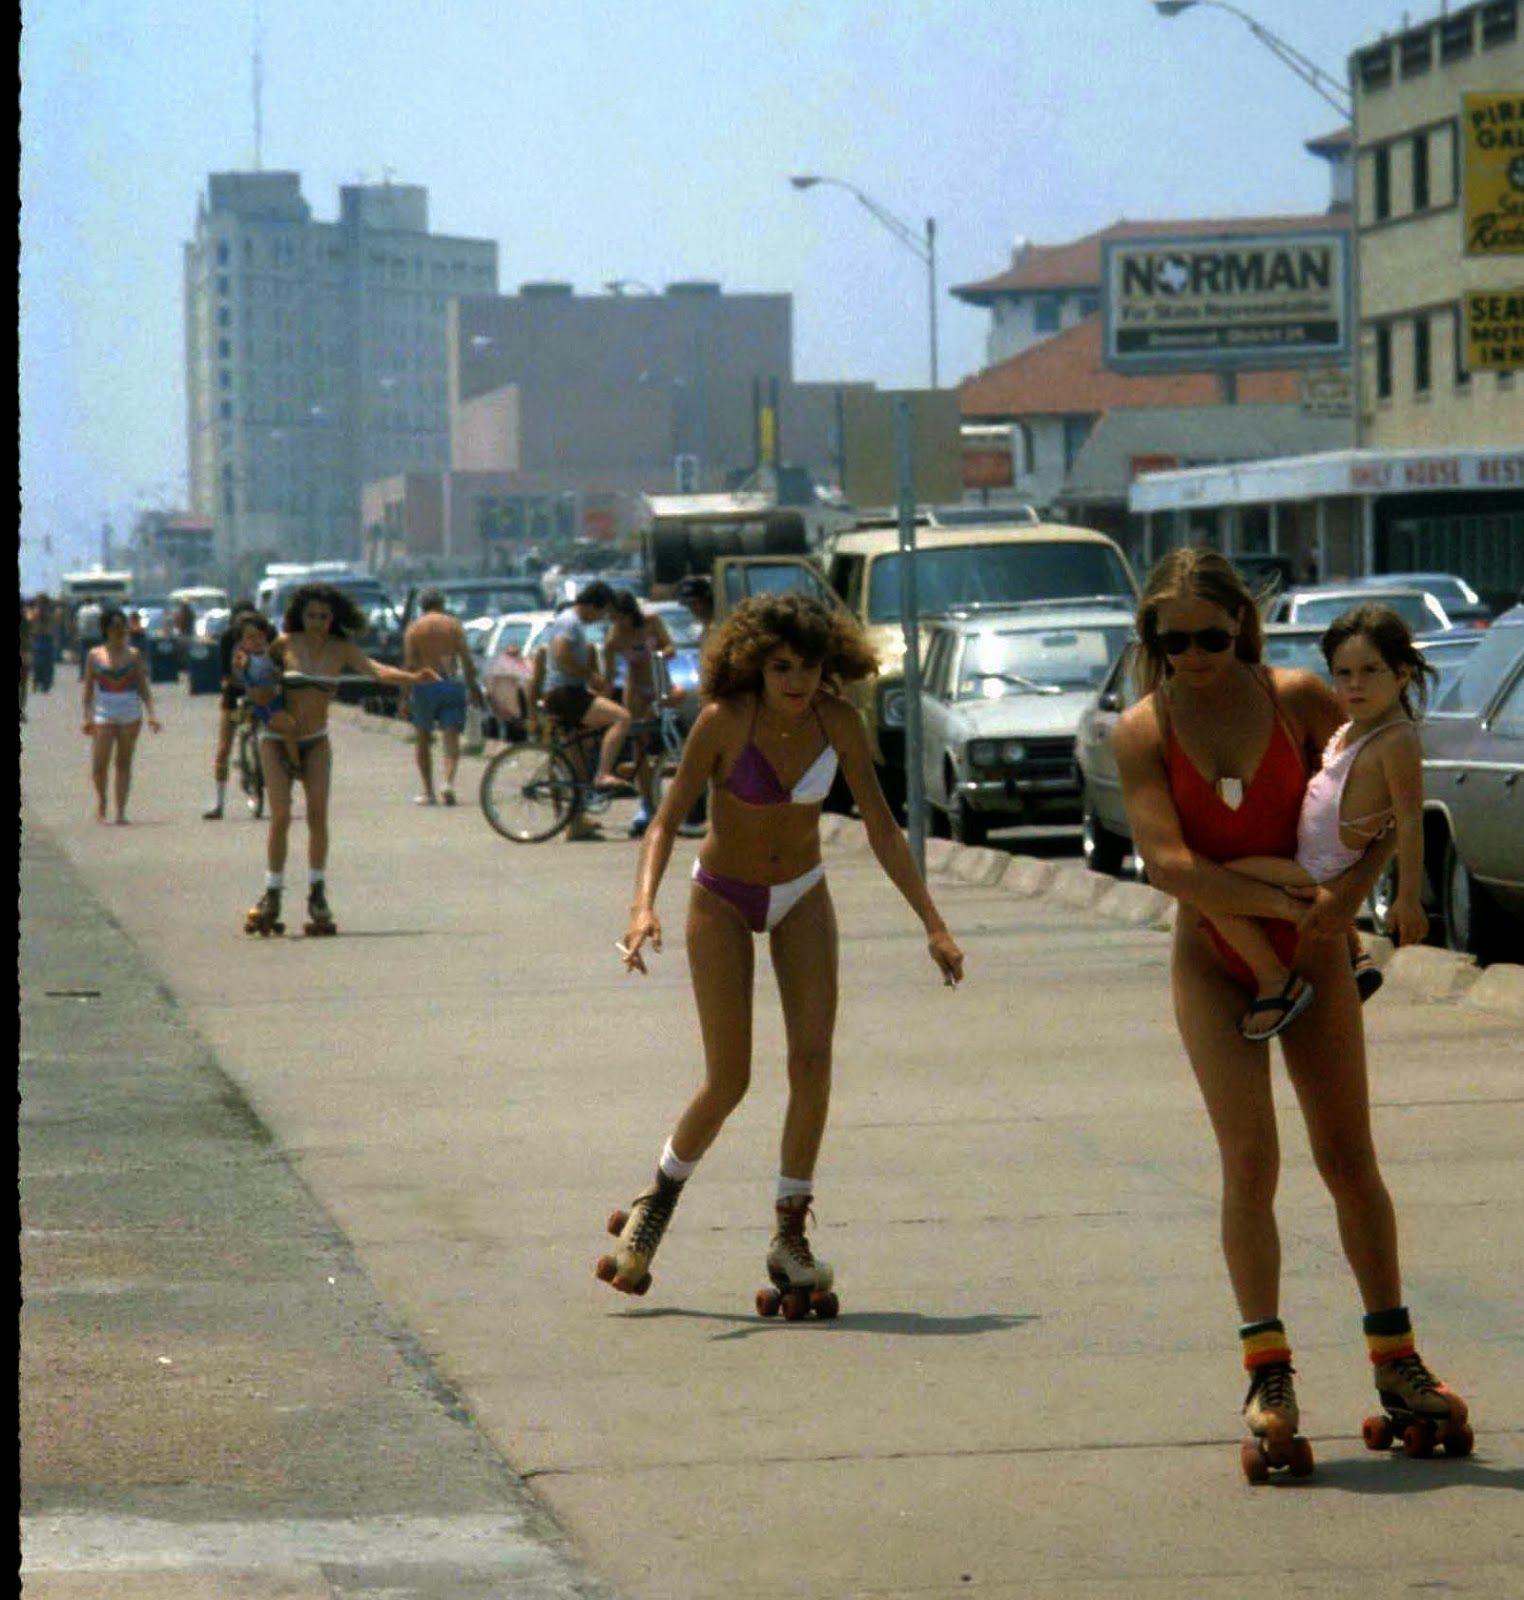 Roller skate xtreme - Roller Skate